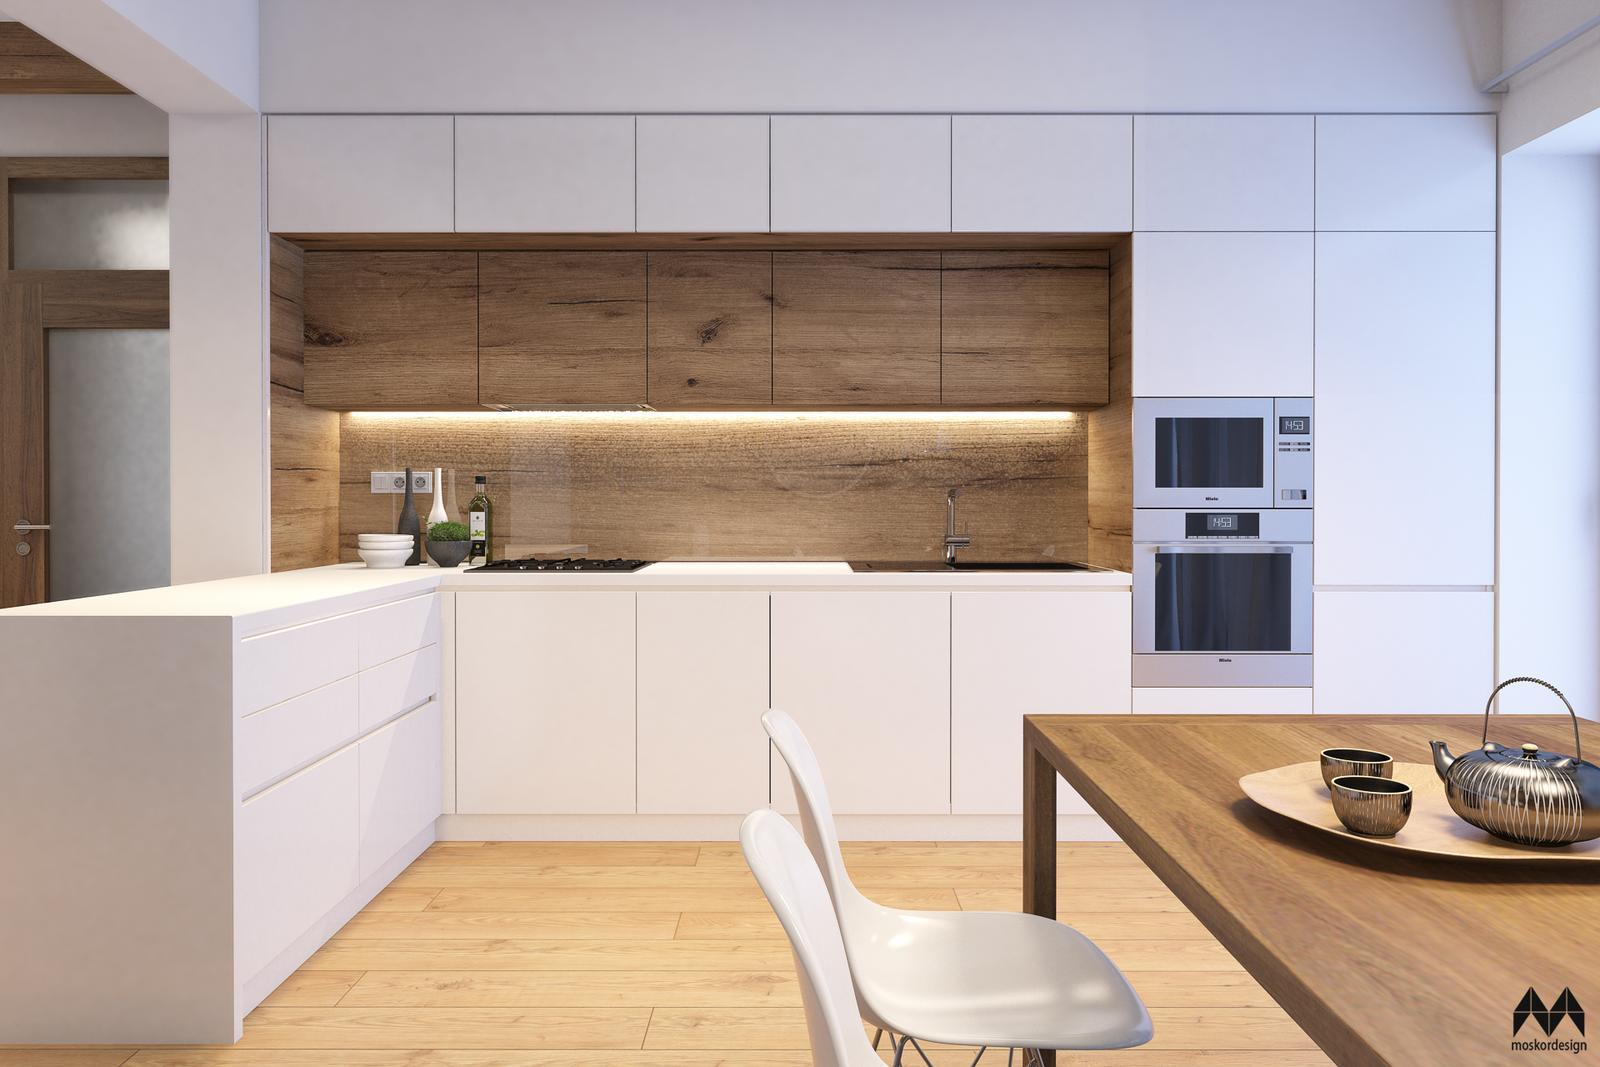 Rekonstrukce domu pro mladého muže - nocni pohled na kuchyni